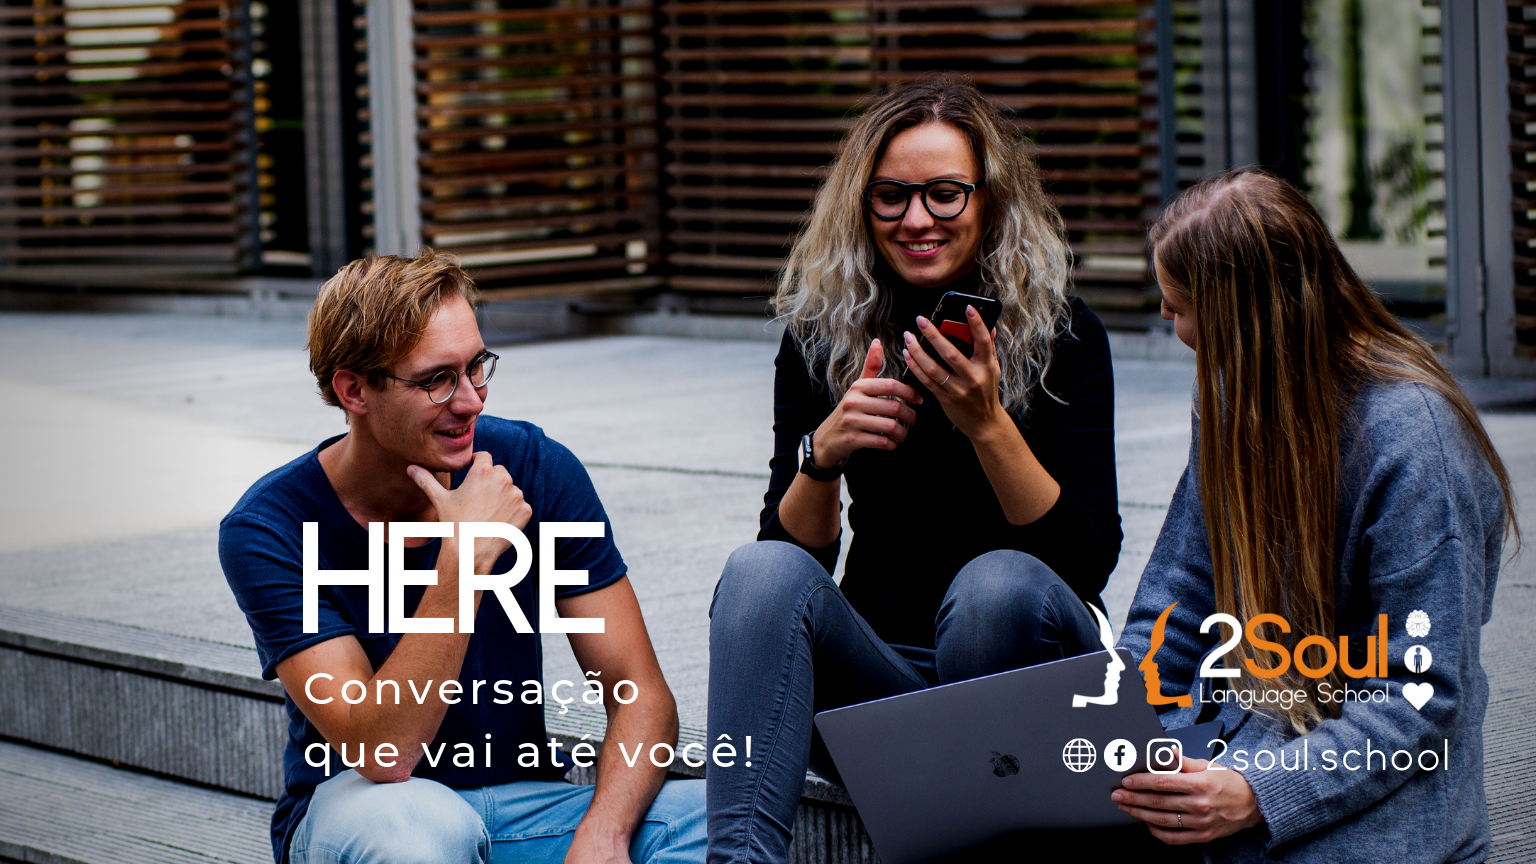 HERE: Let's talk! - Desenvolva com sessões de conversação adaptadas ao seu conhecimento e interesses. Faça aonde estiver. Café, restaurante, happy-hour, etc. Só combinar que vamos até você!